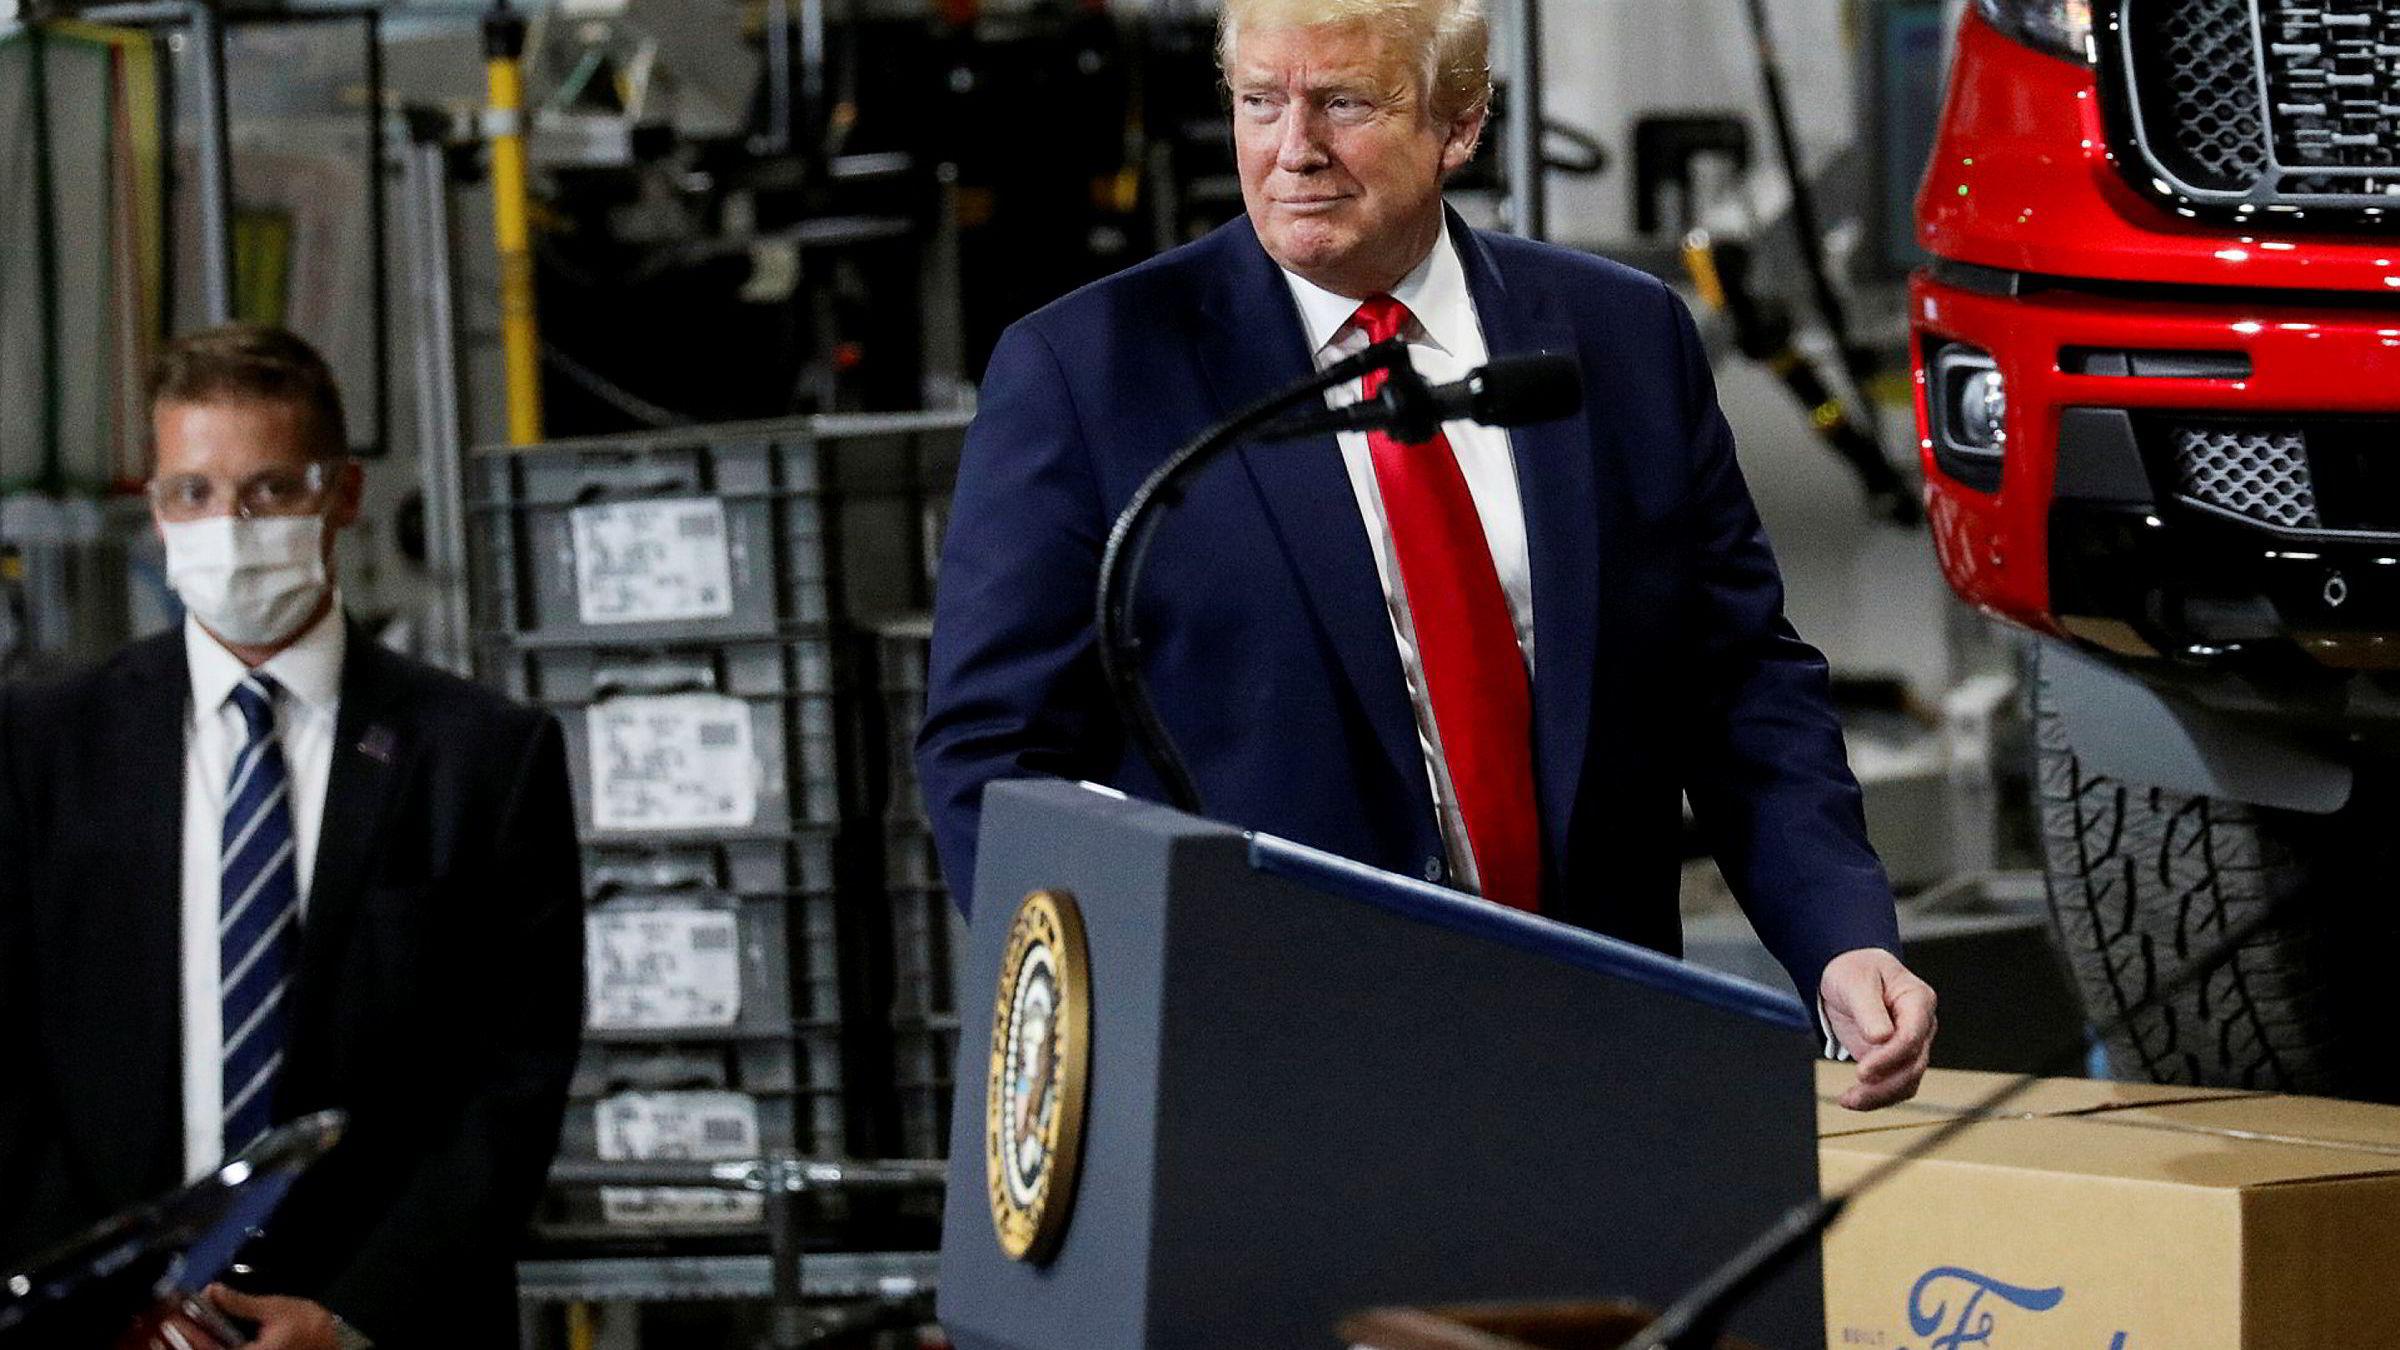 President Donald Trump besøkte Ford-fabrikk som er omgjort til å produsere medisinsk utstyr på torsdag. Han nektet å bruke munnbind. – Jeg ville ikke gi pressen gleden av å se det, sa Trump som forklaring.